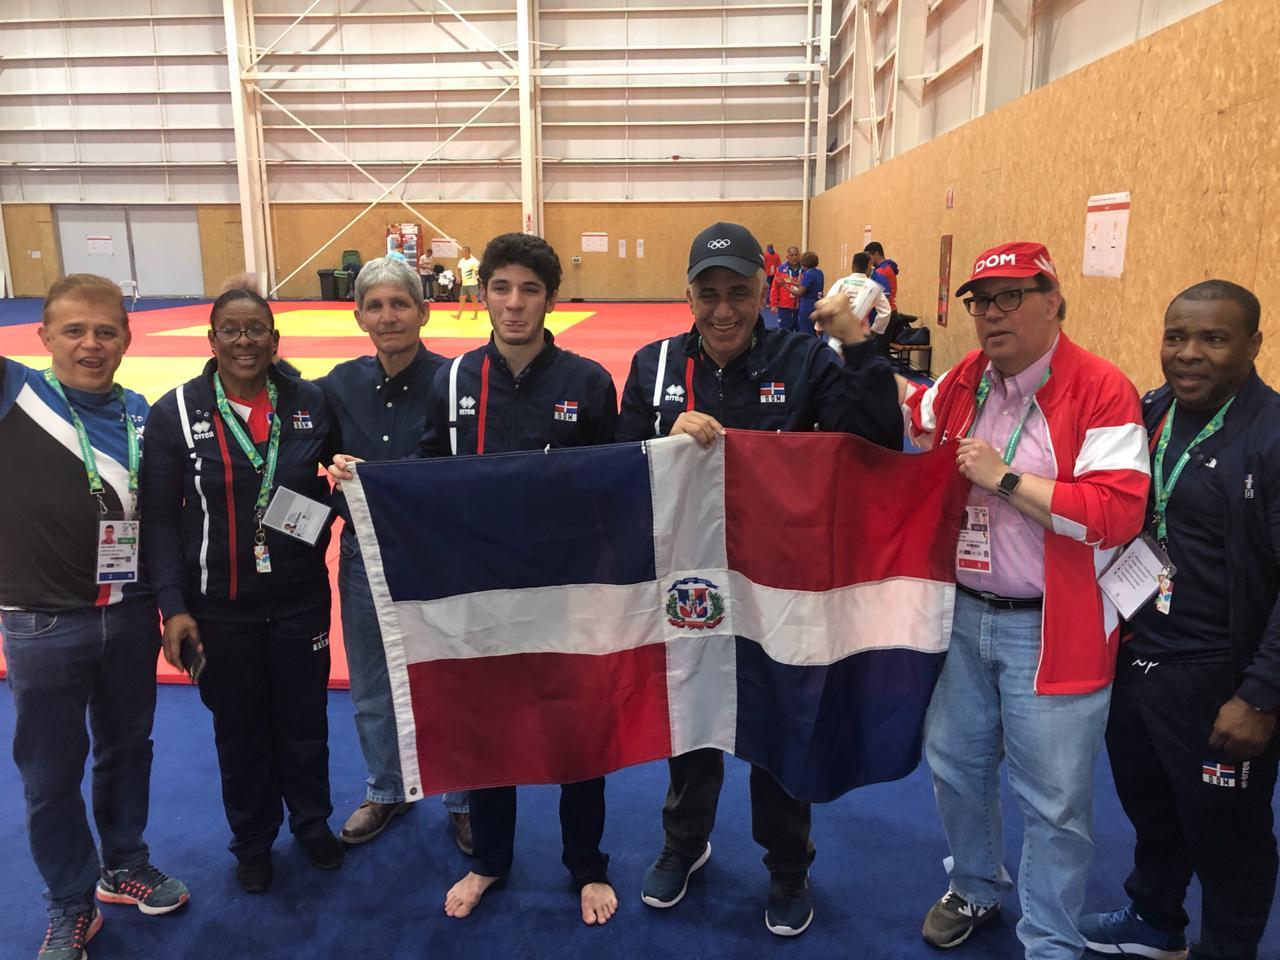 Judoca Antonio Tornal, bronce en Juegos Olímpicos de la Juventud